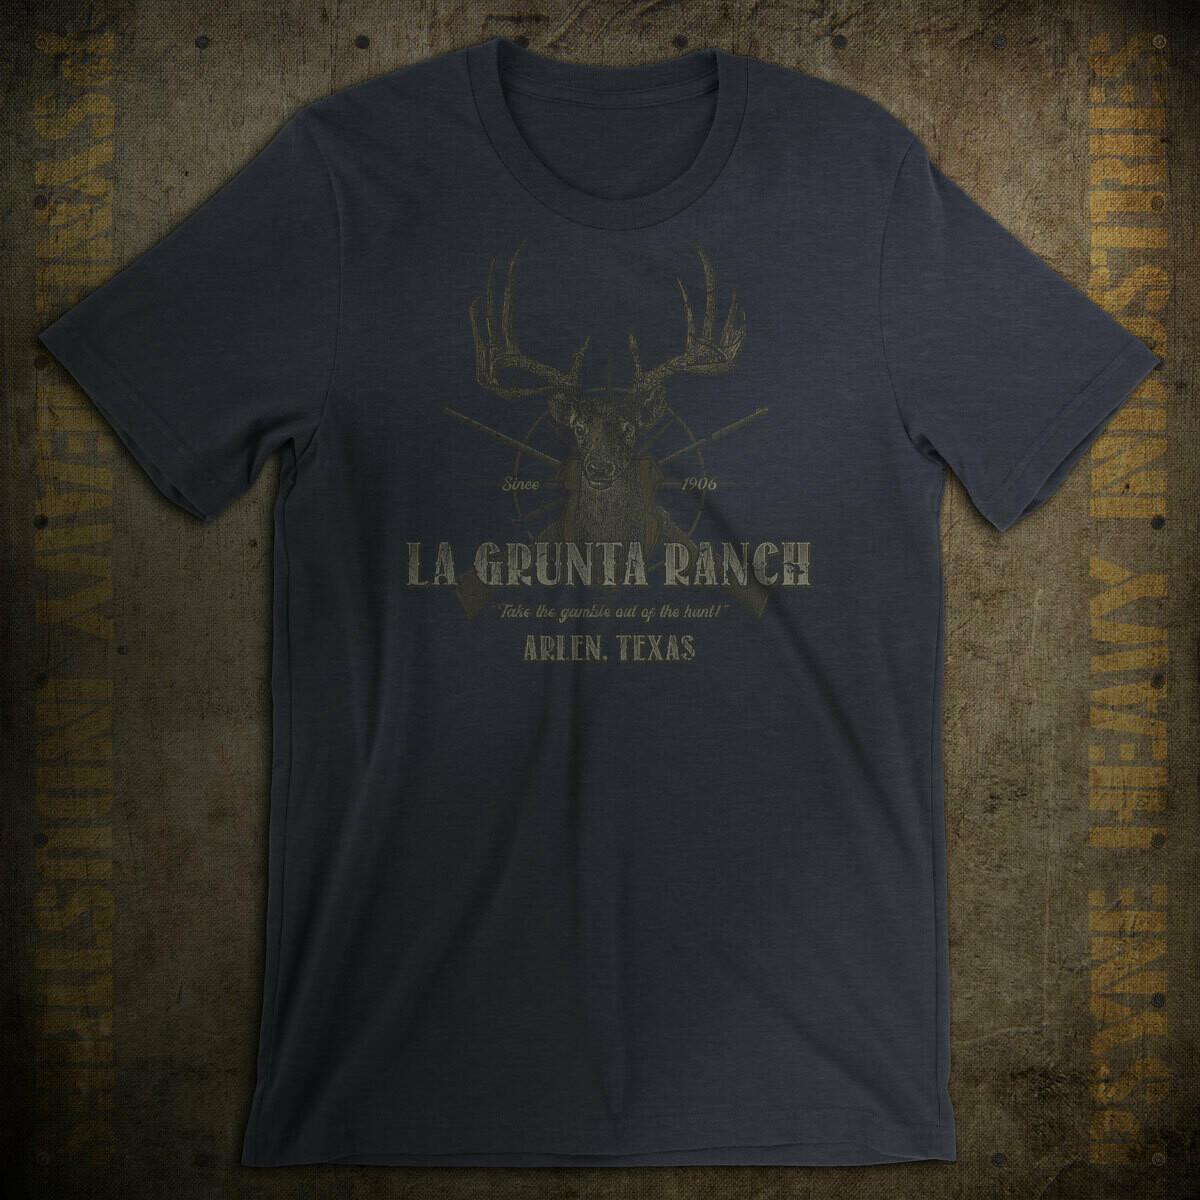 La Grunta Ranch Vintage T-Shirt